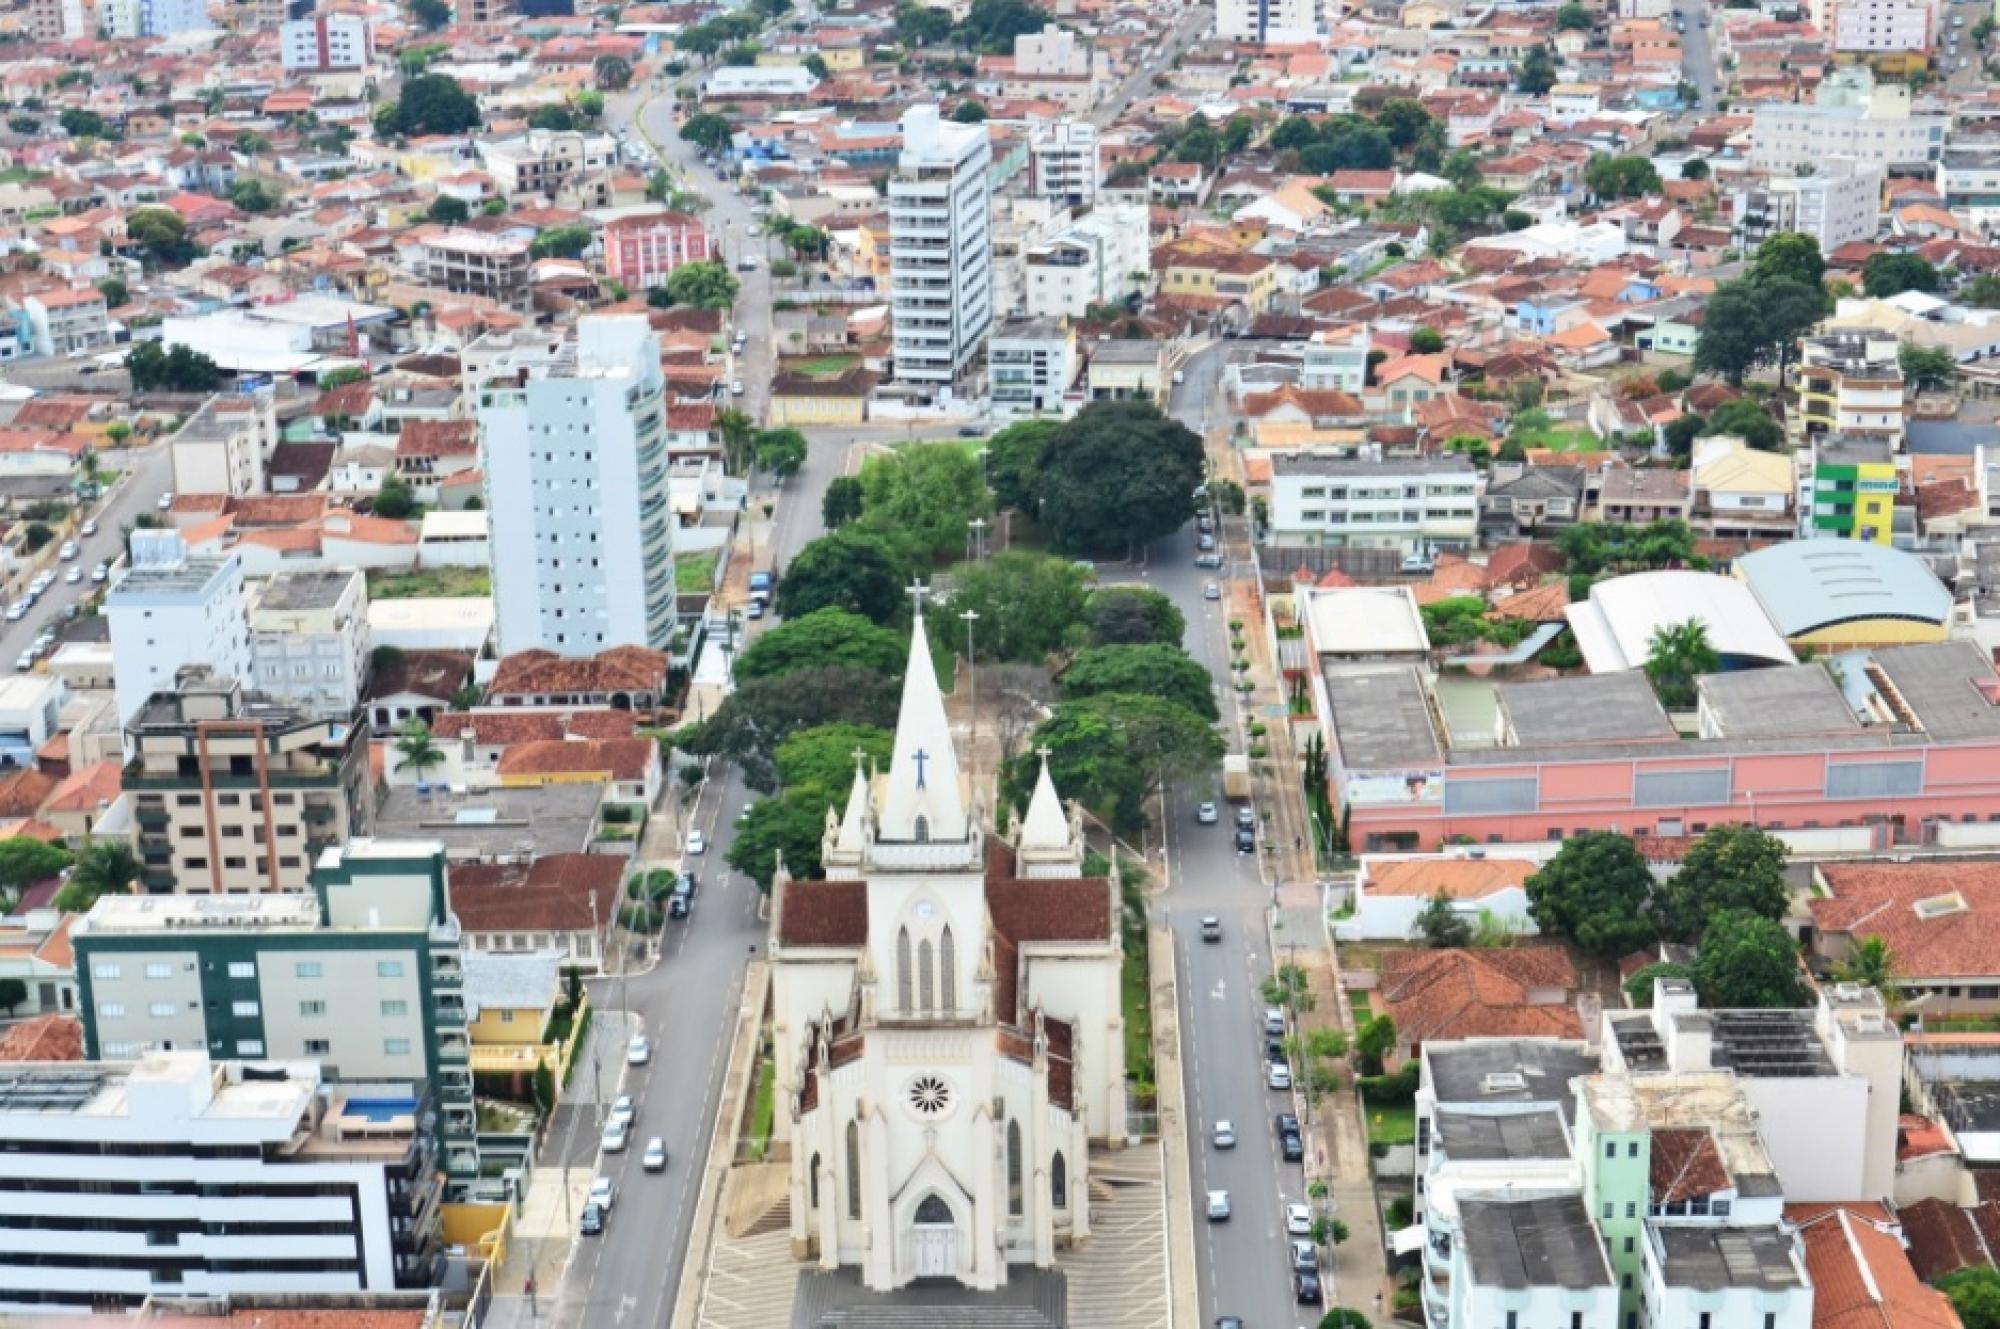 Prefeitura de Patos de Minas flexibiliza reabertura do comércio e amplia suspensão das aulas